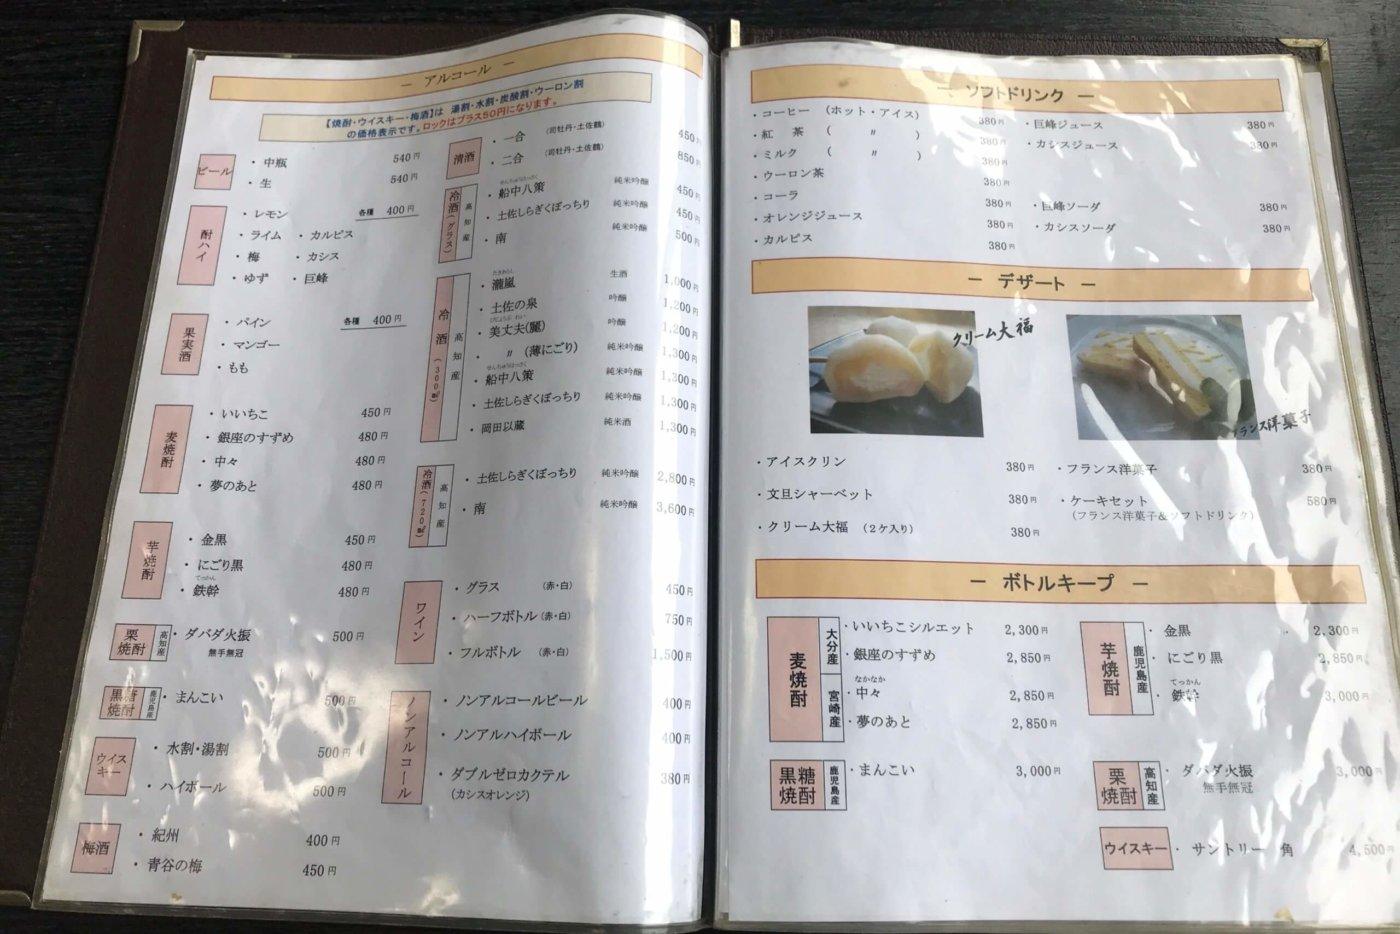 居食倶楽部 旬家(じゅんや) メニュー